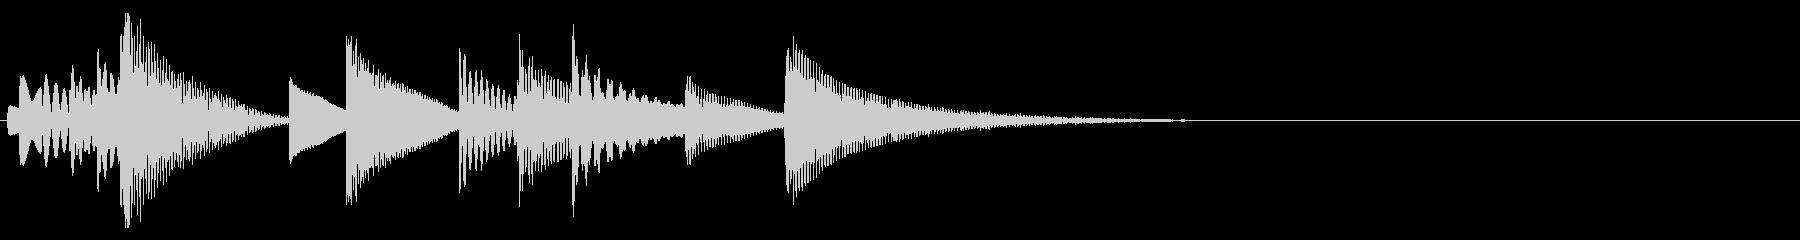 木琴/マリンバのほのぼのかわいいジングルの未再生の波形